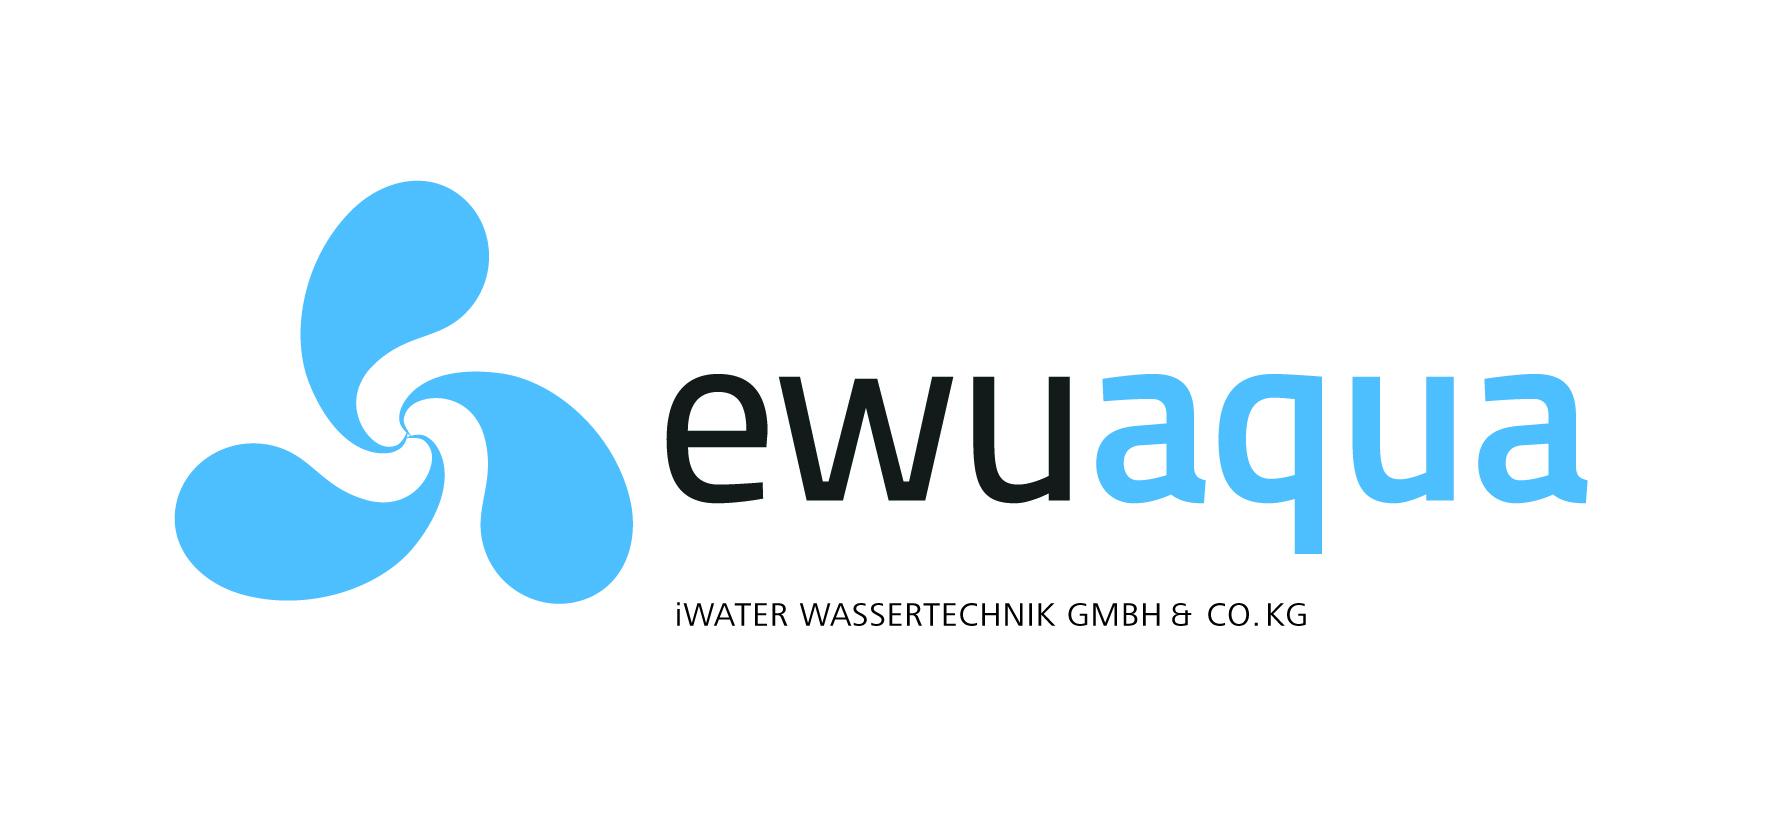 iWater Wassertechnik GmbH & Co. KG